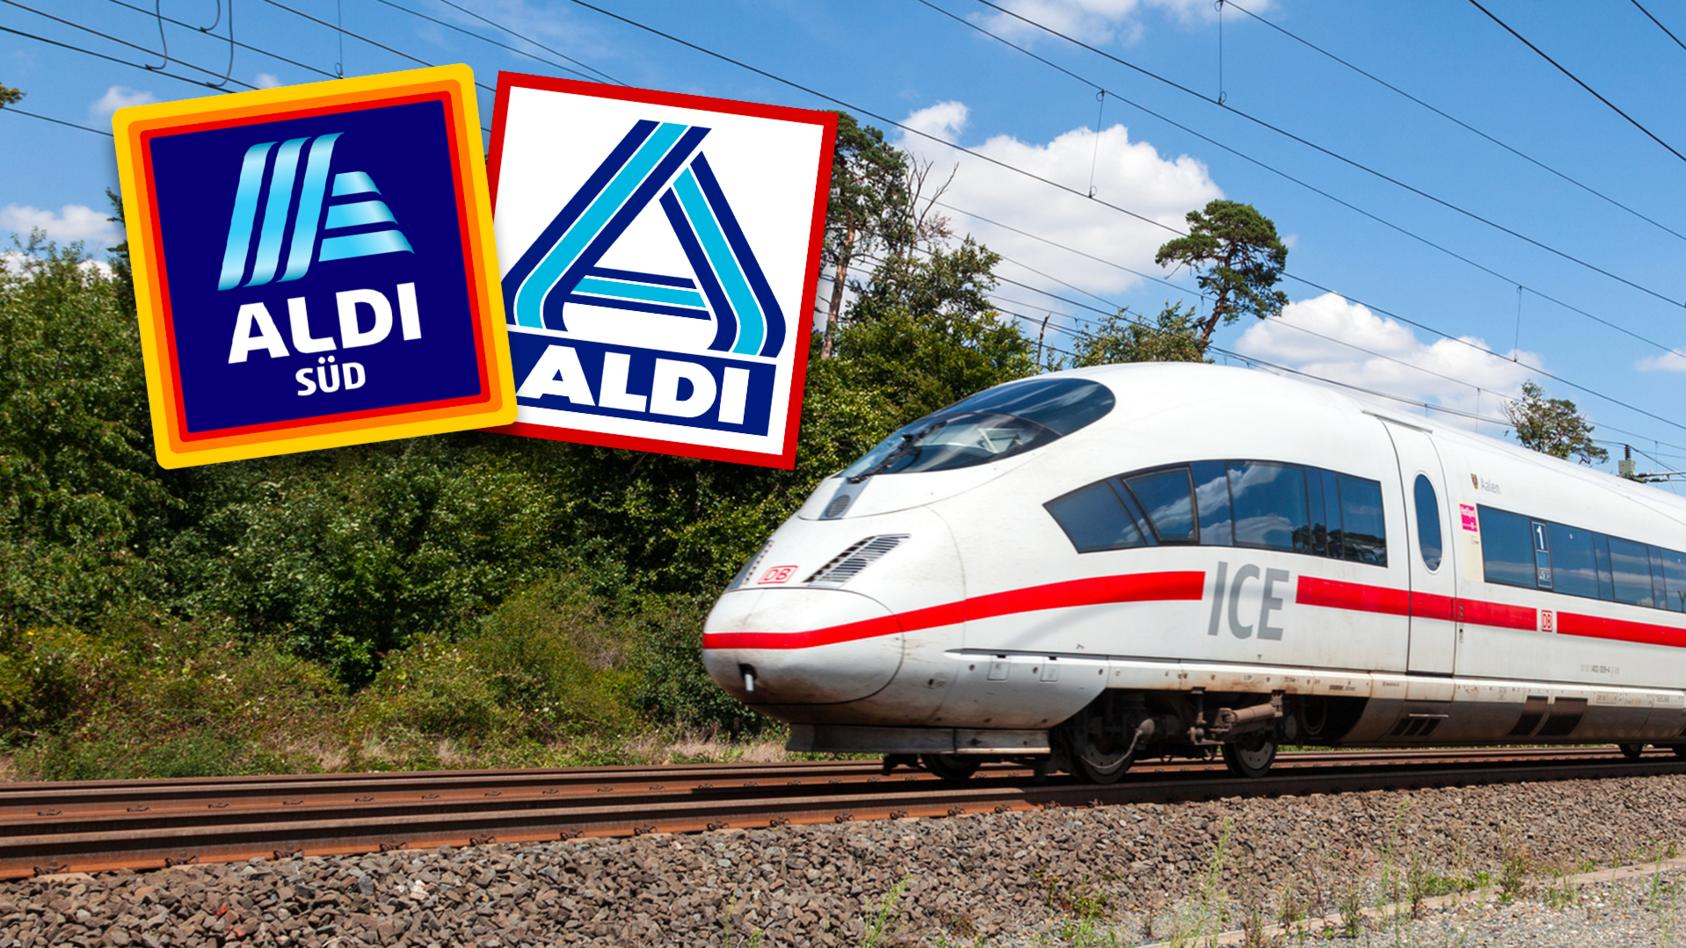 discounter-schnappchen-aldi-verkauft-jetzt-bahn-tickets